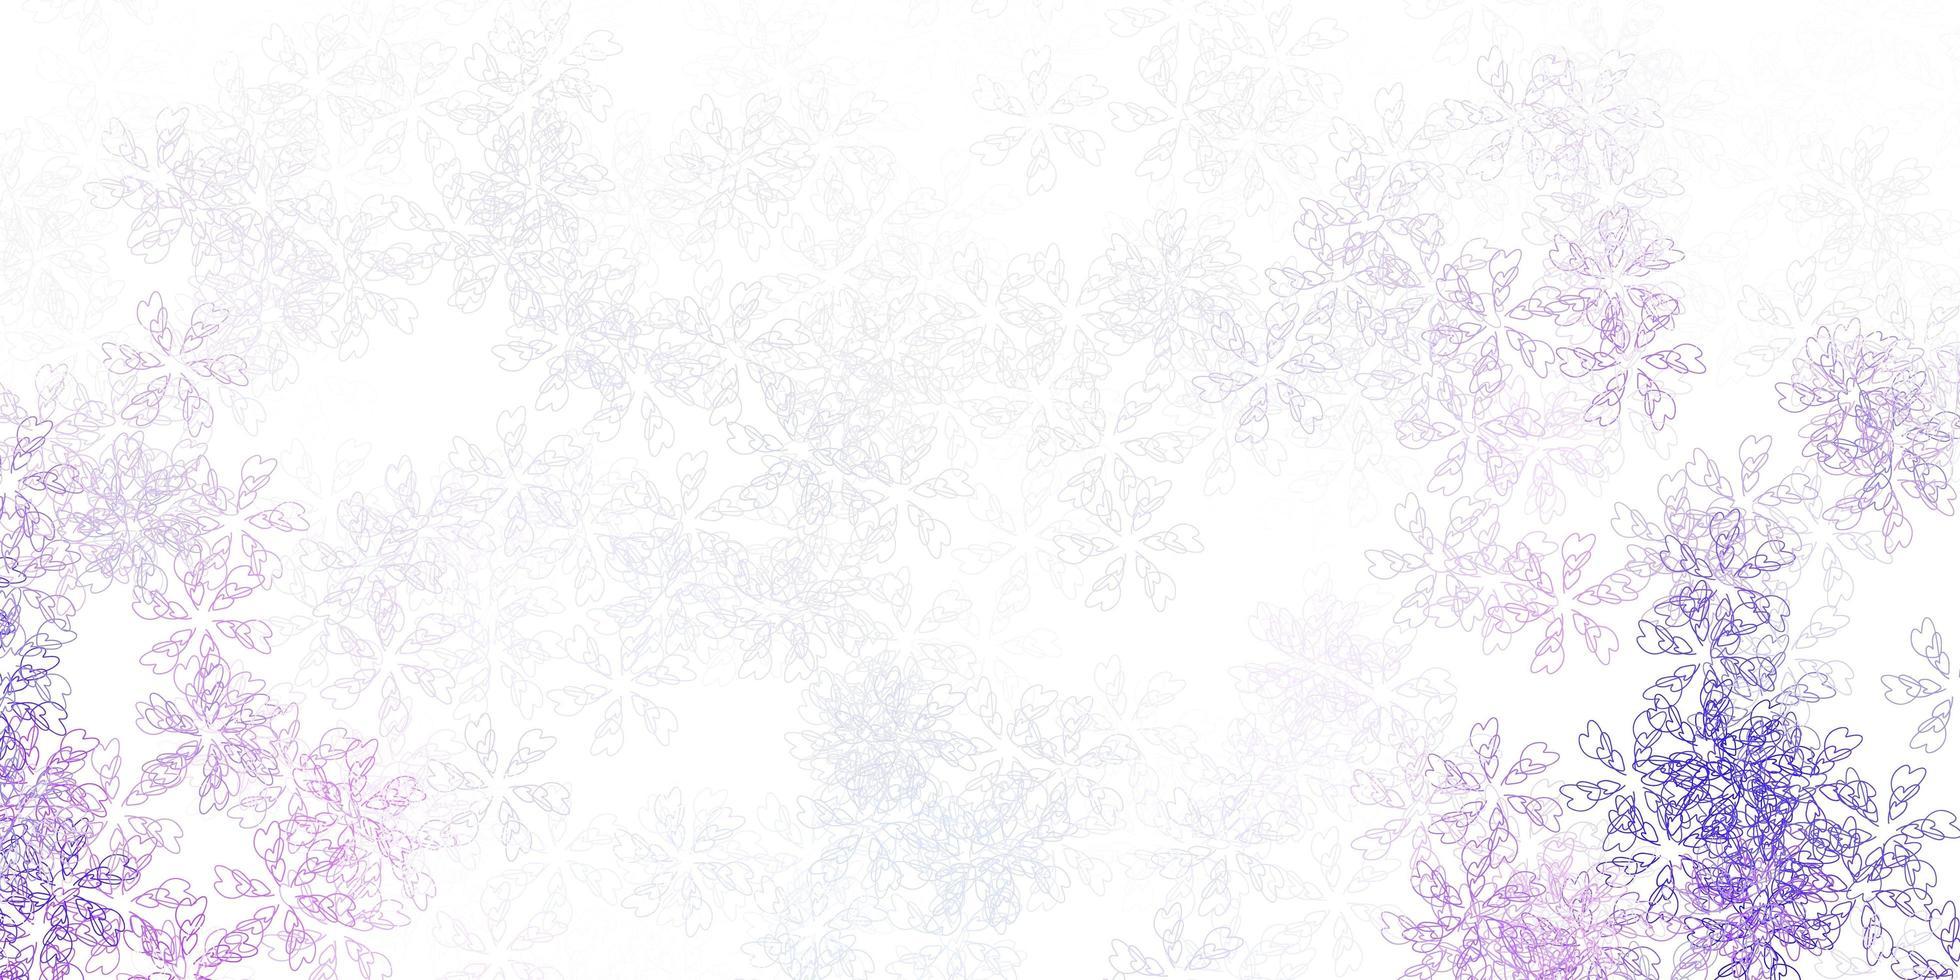 oeuvre abstraite de vecteur violet clair avec des feuilles.